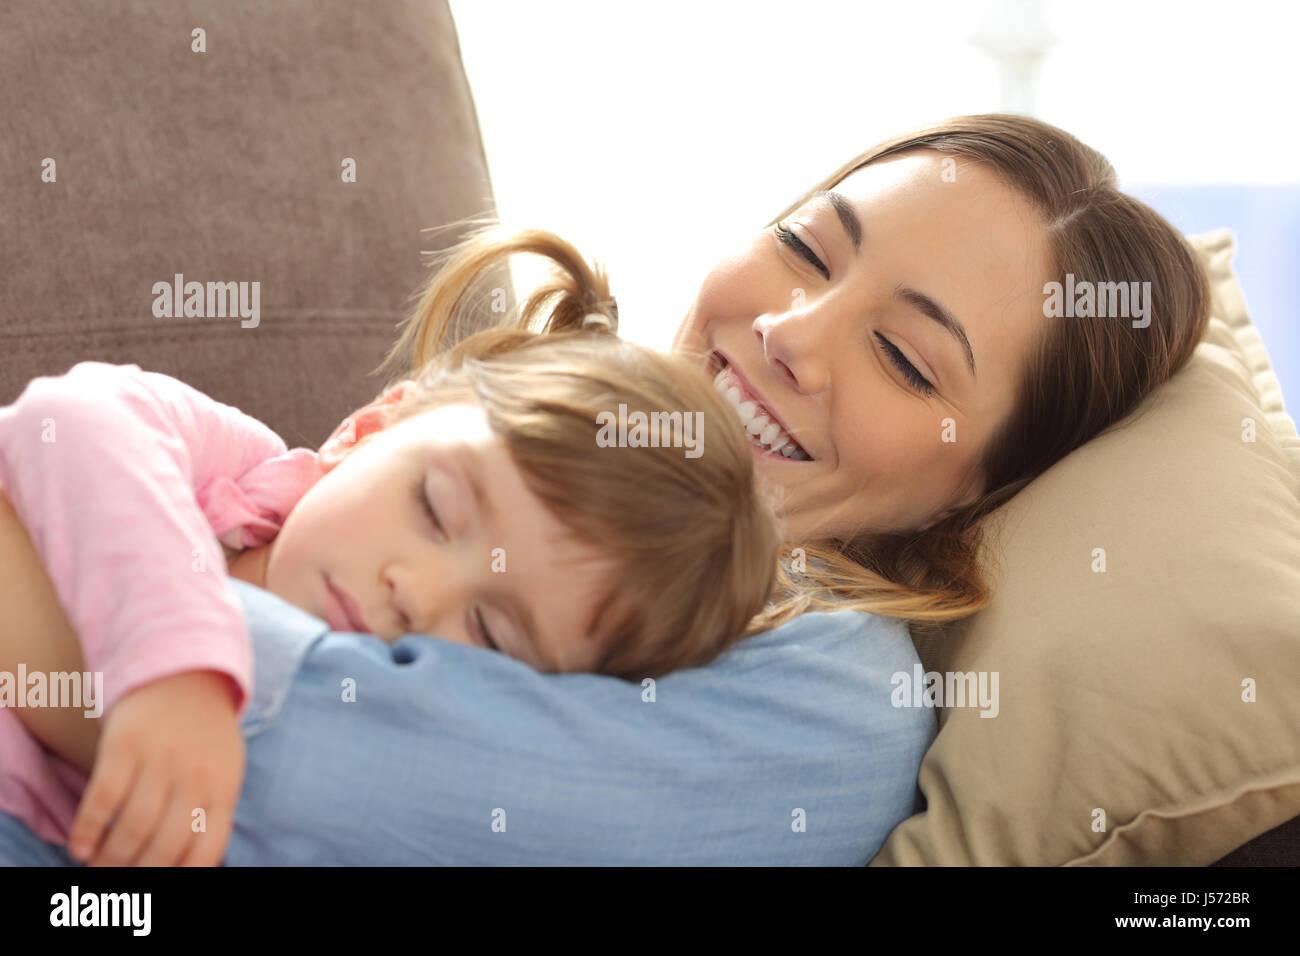 Gros plan d'une fière maman de regarder son bébé dormir couché sur un canapé dans la Photo Stock